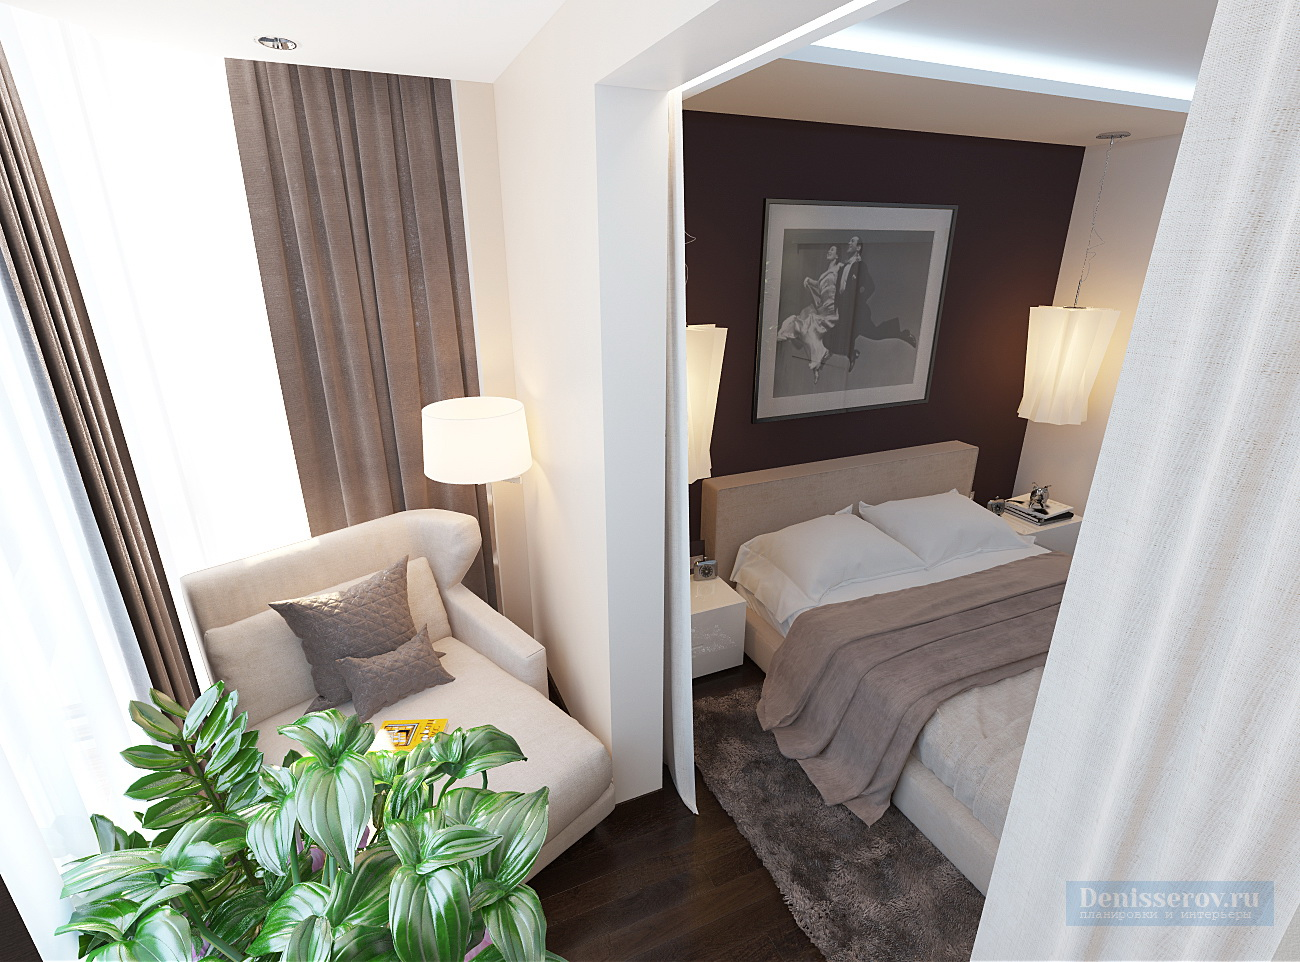 Дизайн спальни 17 кв.м. в стиле минимализм денис серов.